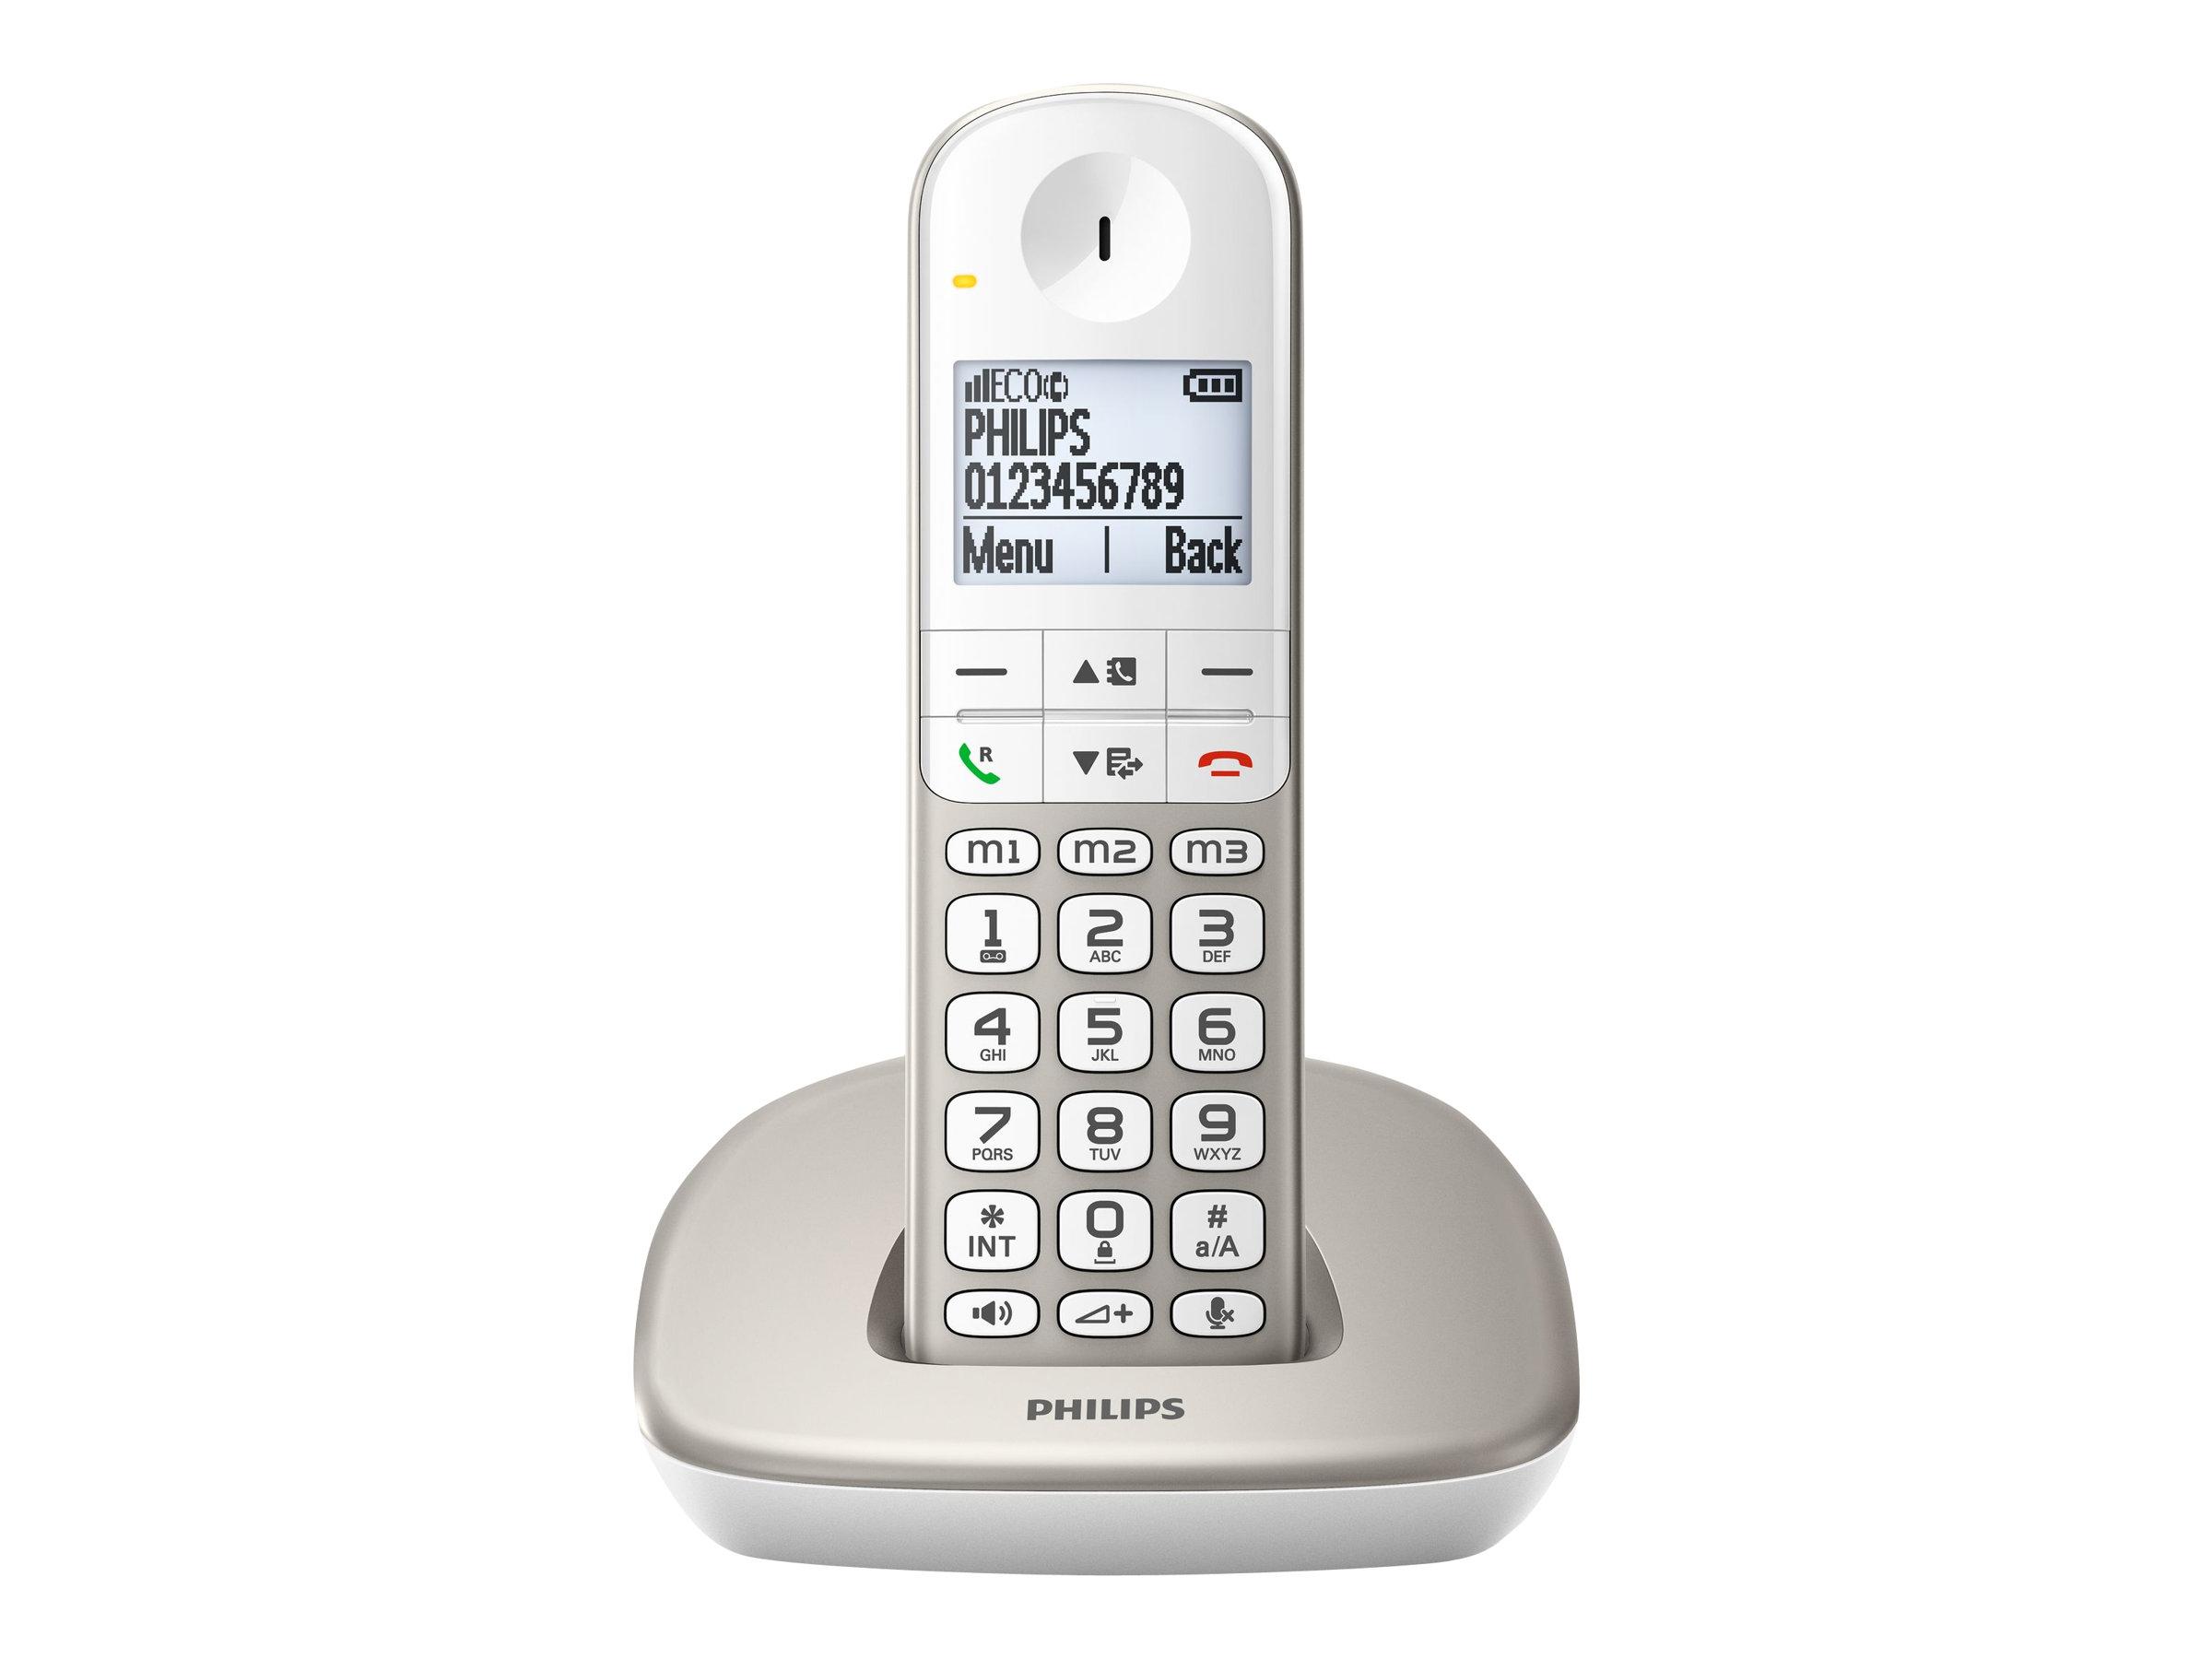 Philips XL4901S - Schnurlostelefon mit Rufnummernanzeige/Anklopffunktion - DECT\GAP - dreiweg Anruffunktion